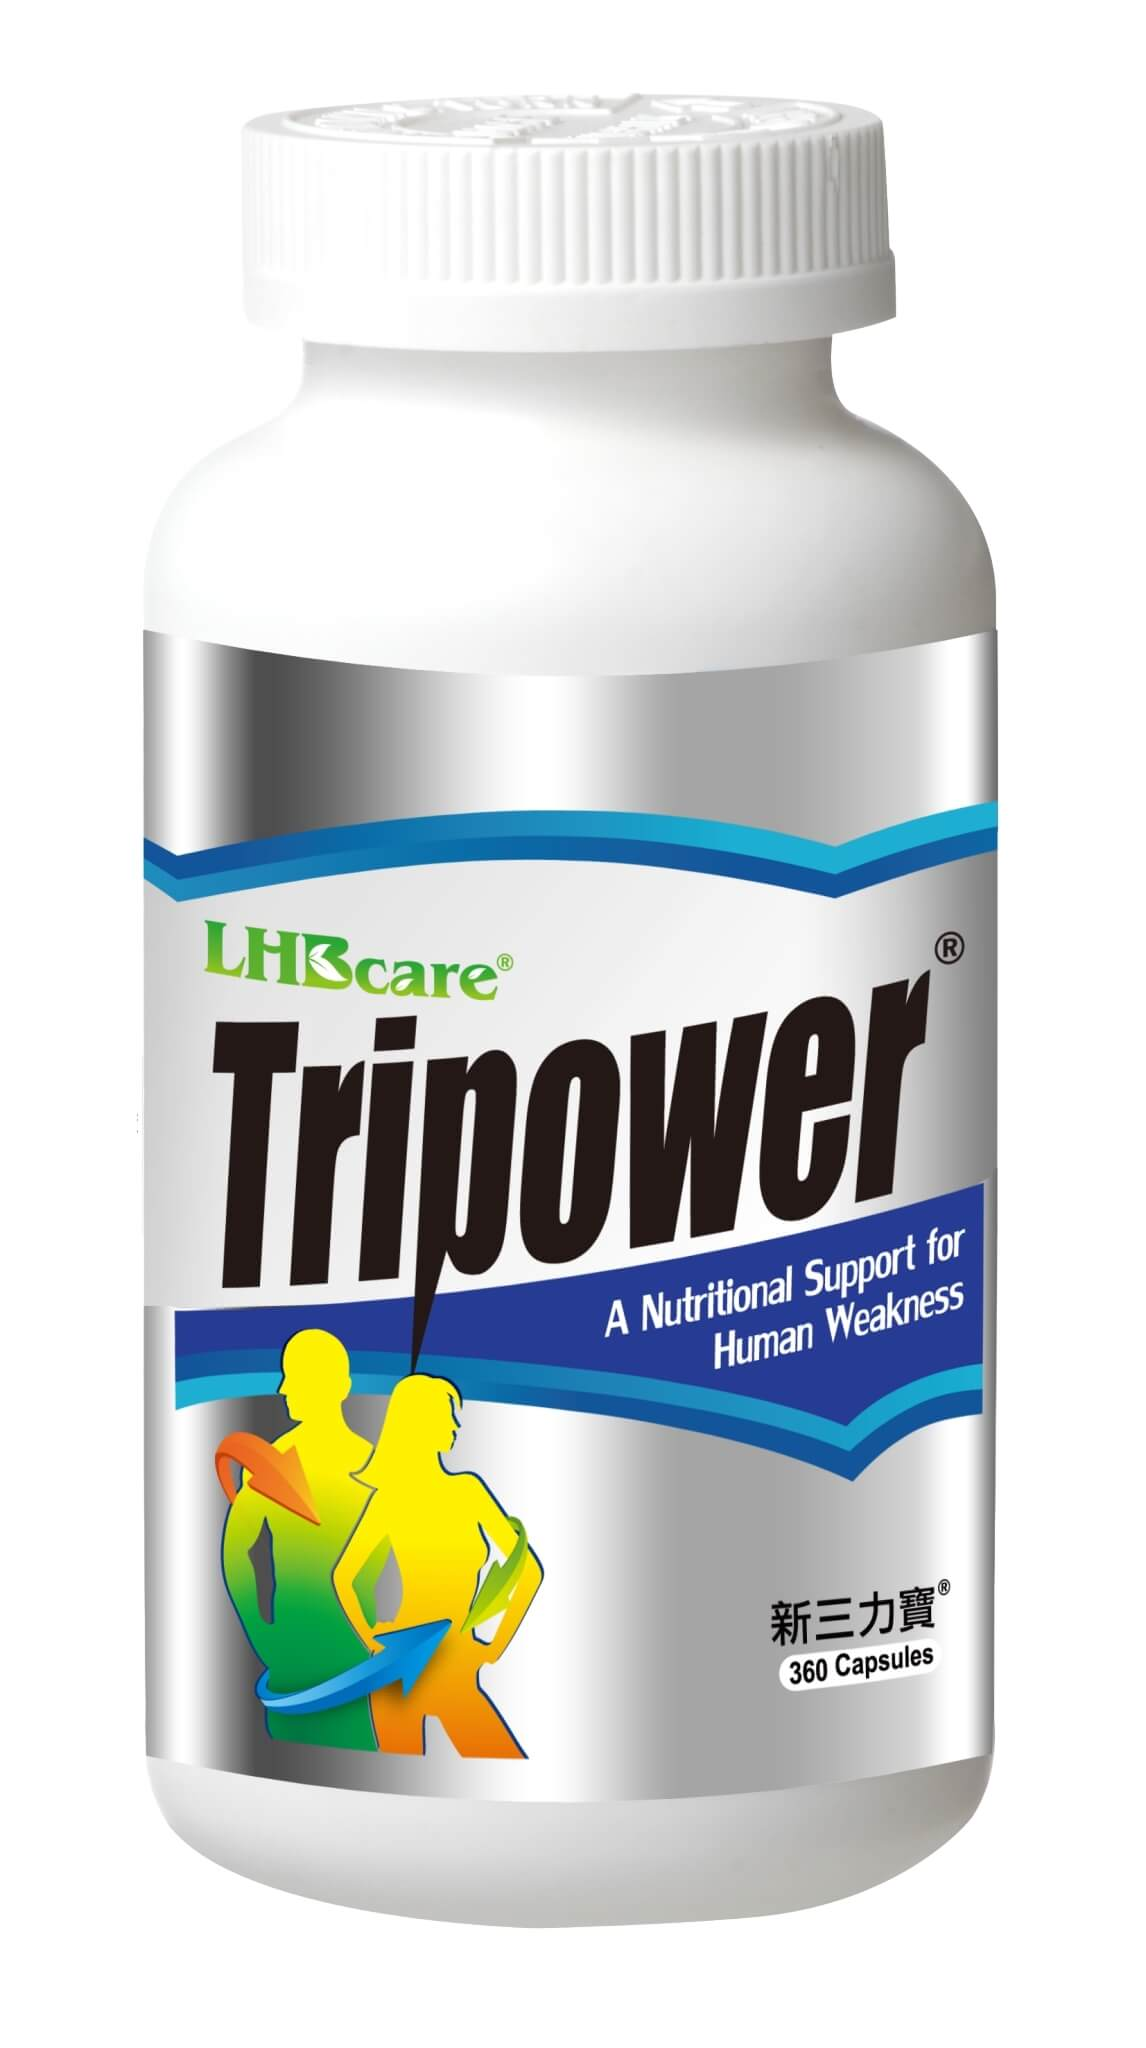 新三力寶 Tripower